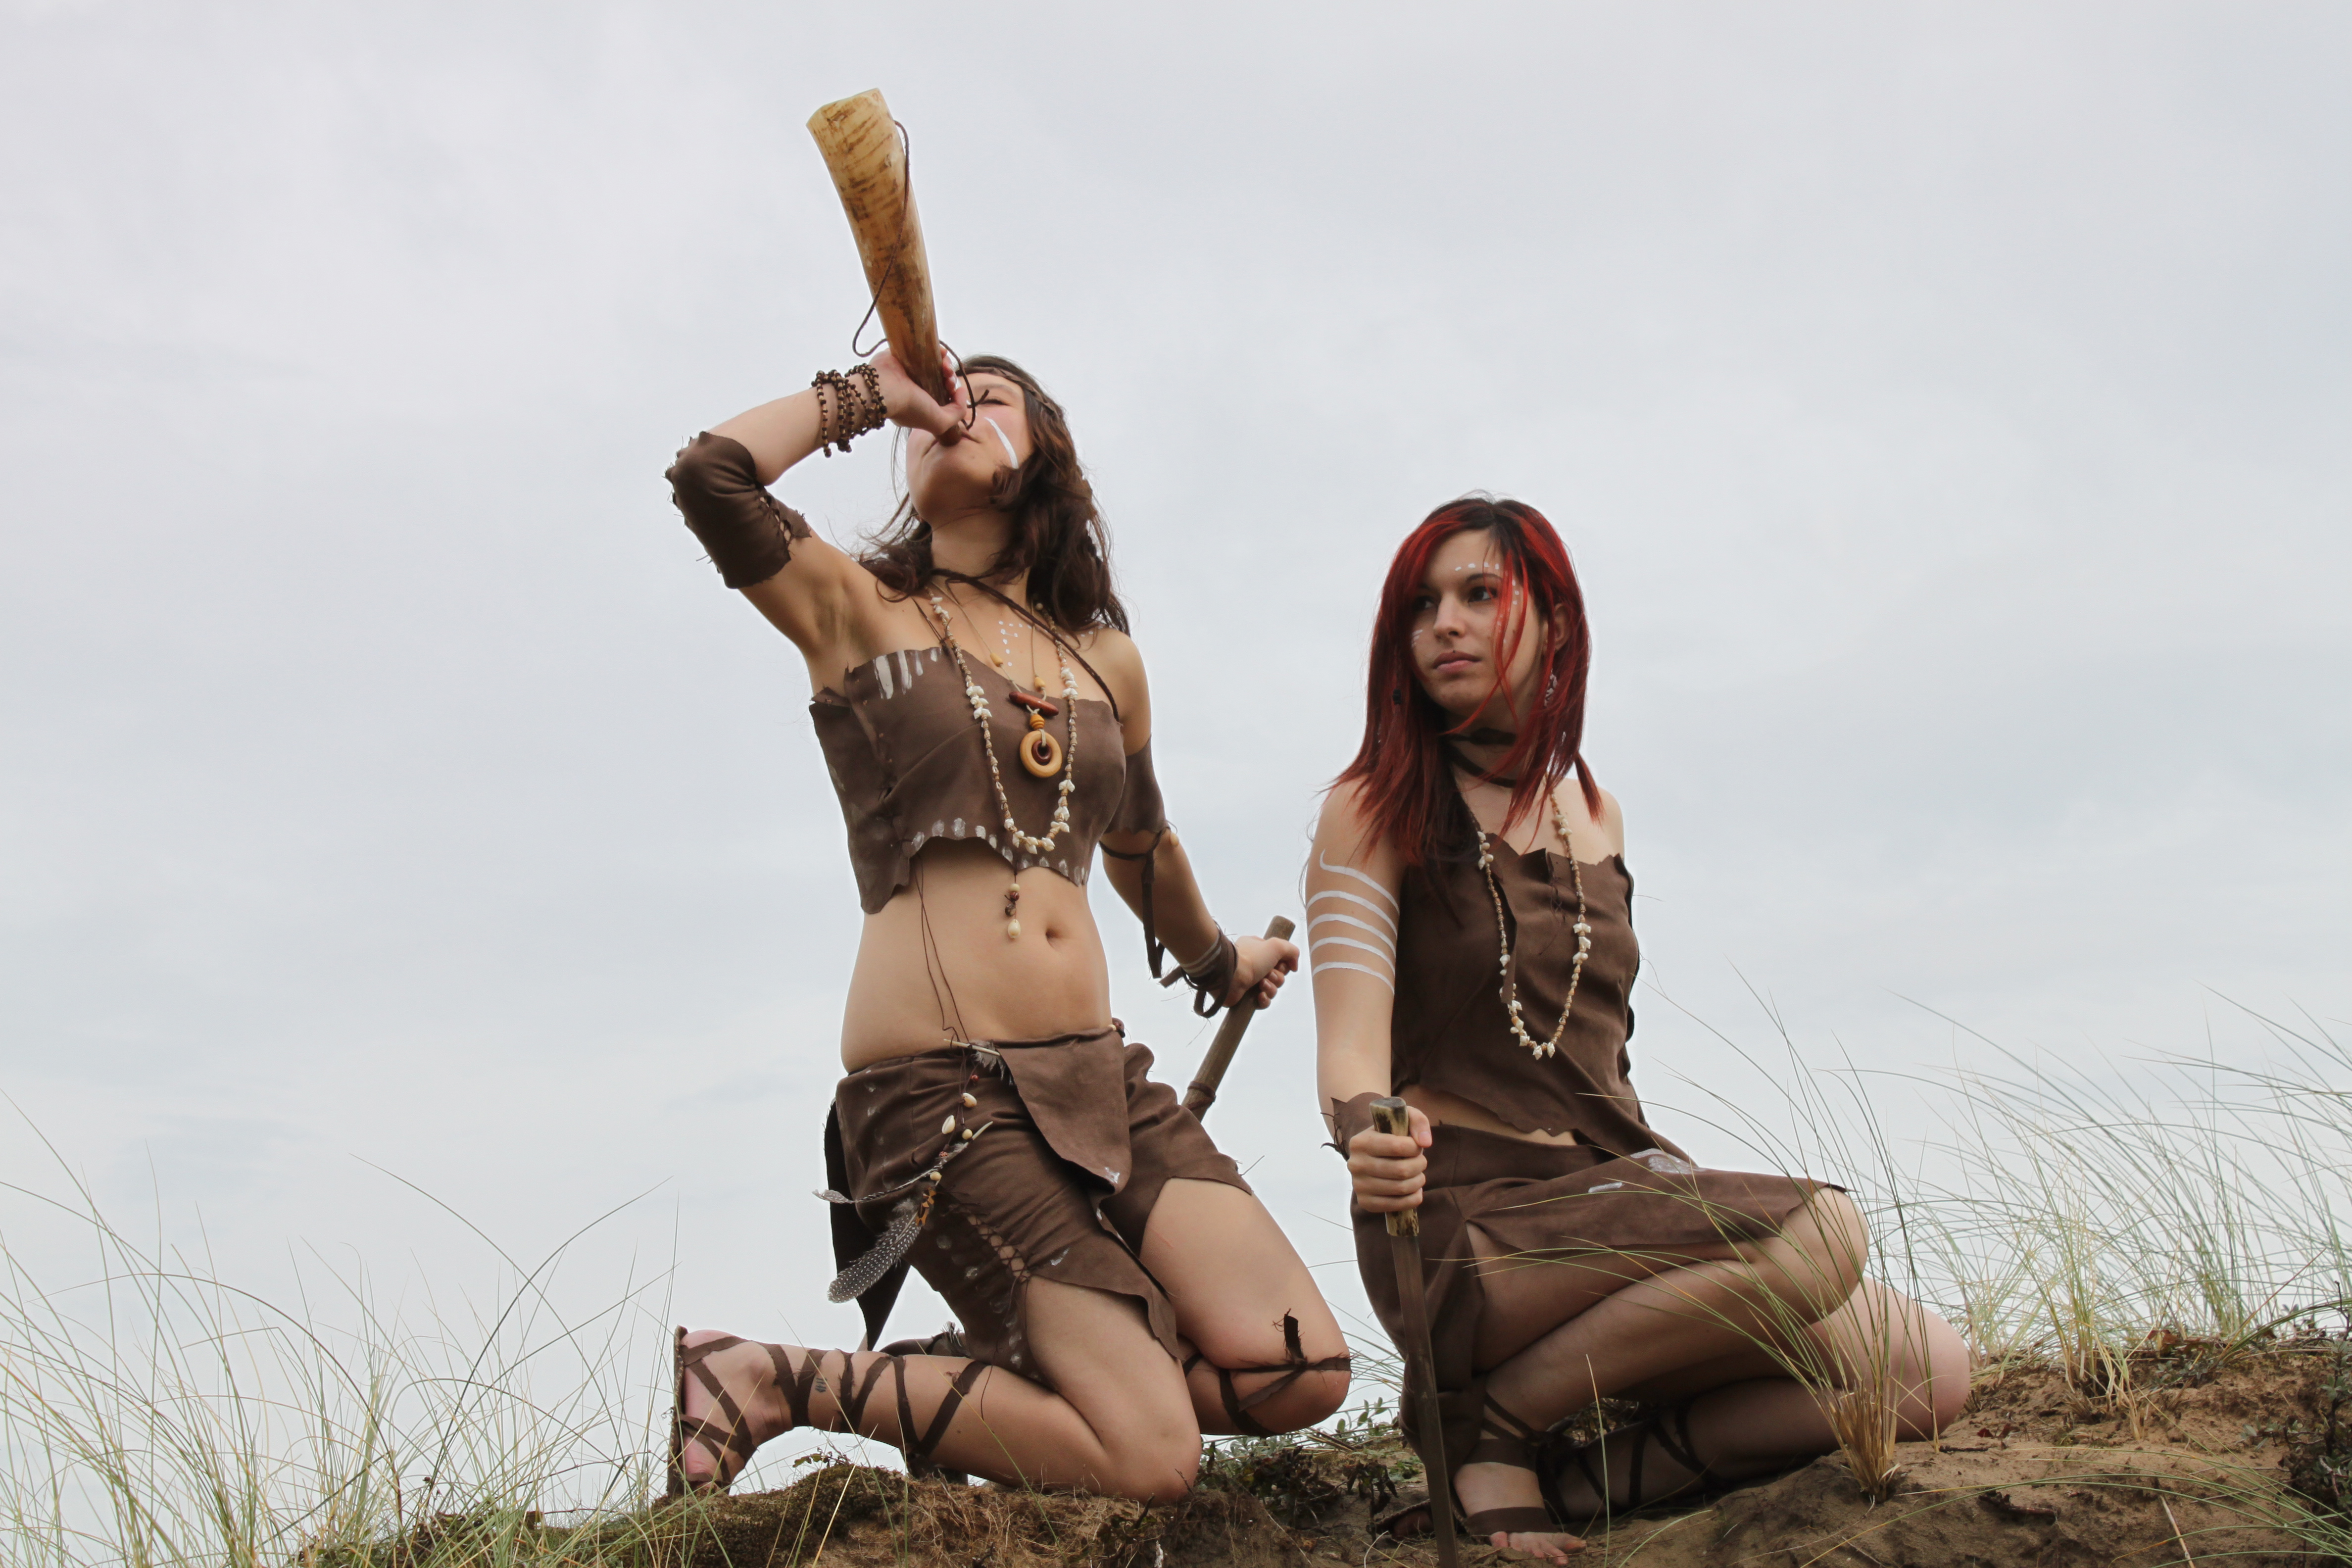 амазонки любят викингов - 14